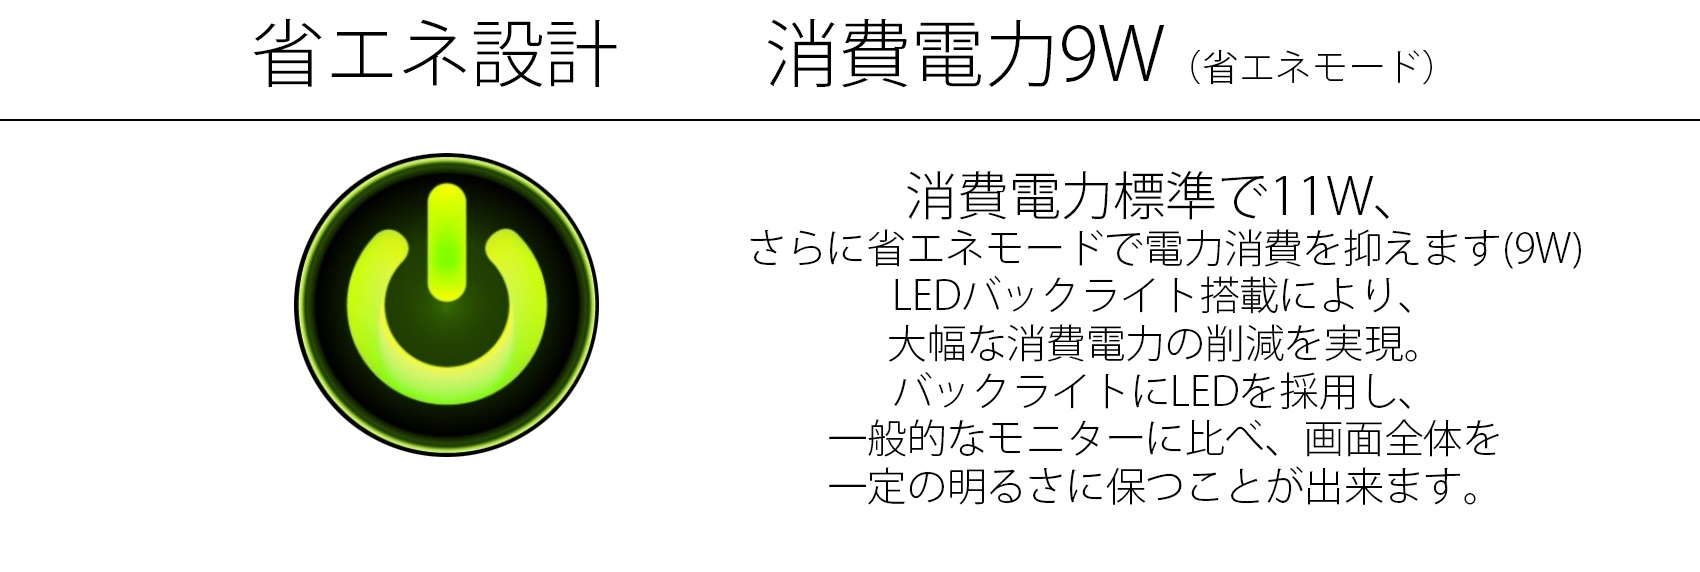 JN-T200HD